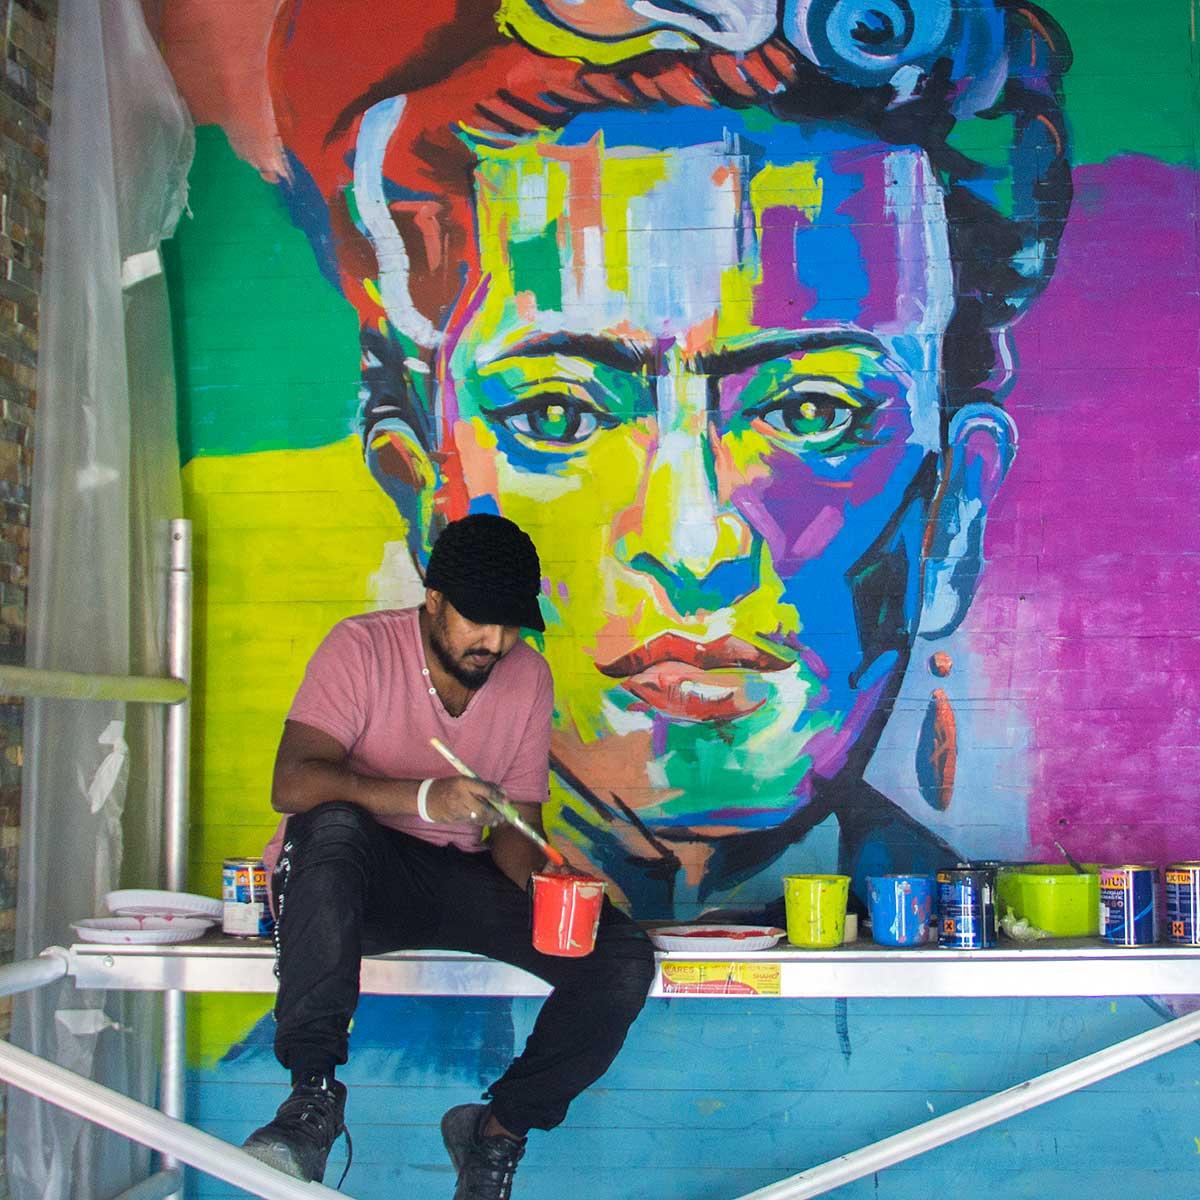 Frida Kahlo Painting @ Le meridien